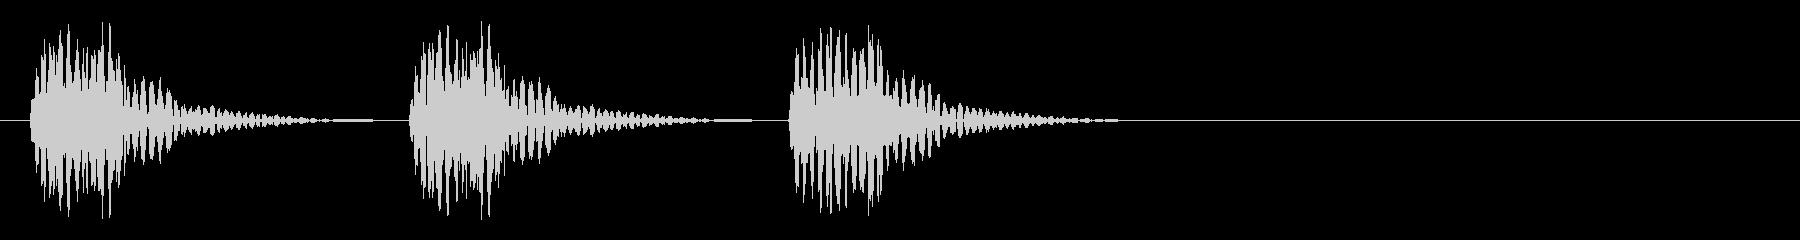 エラータップ_クリック_200702の未再生の波形